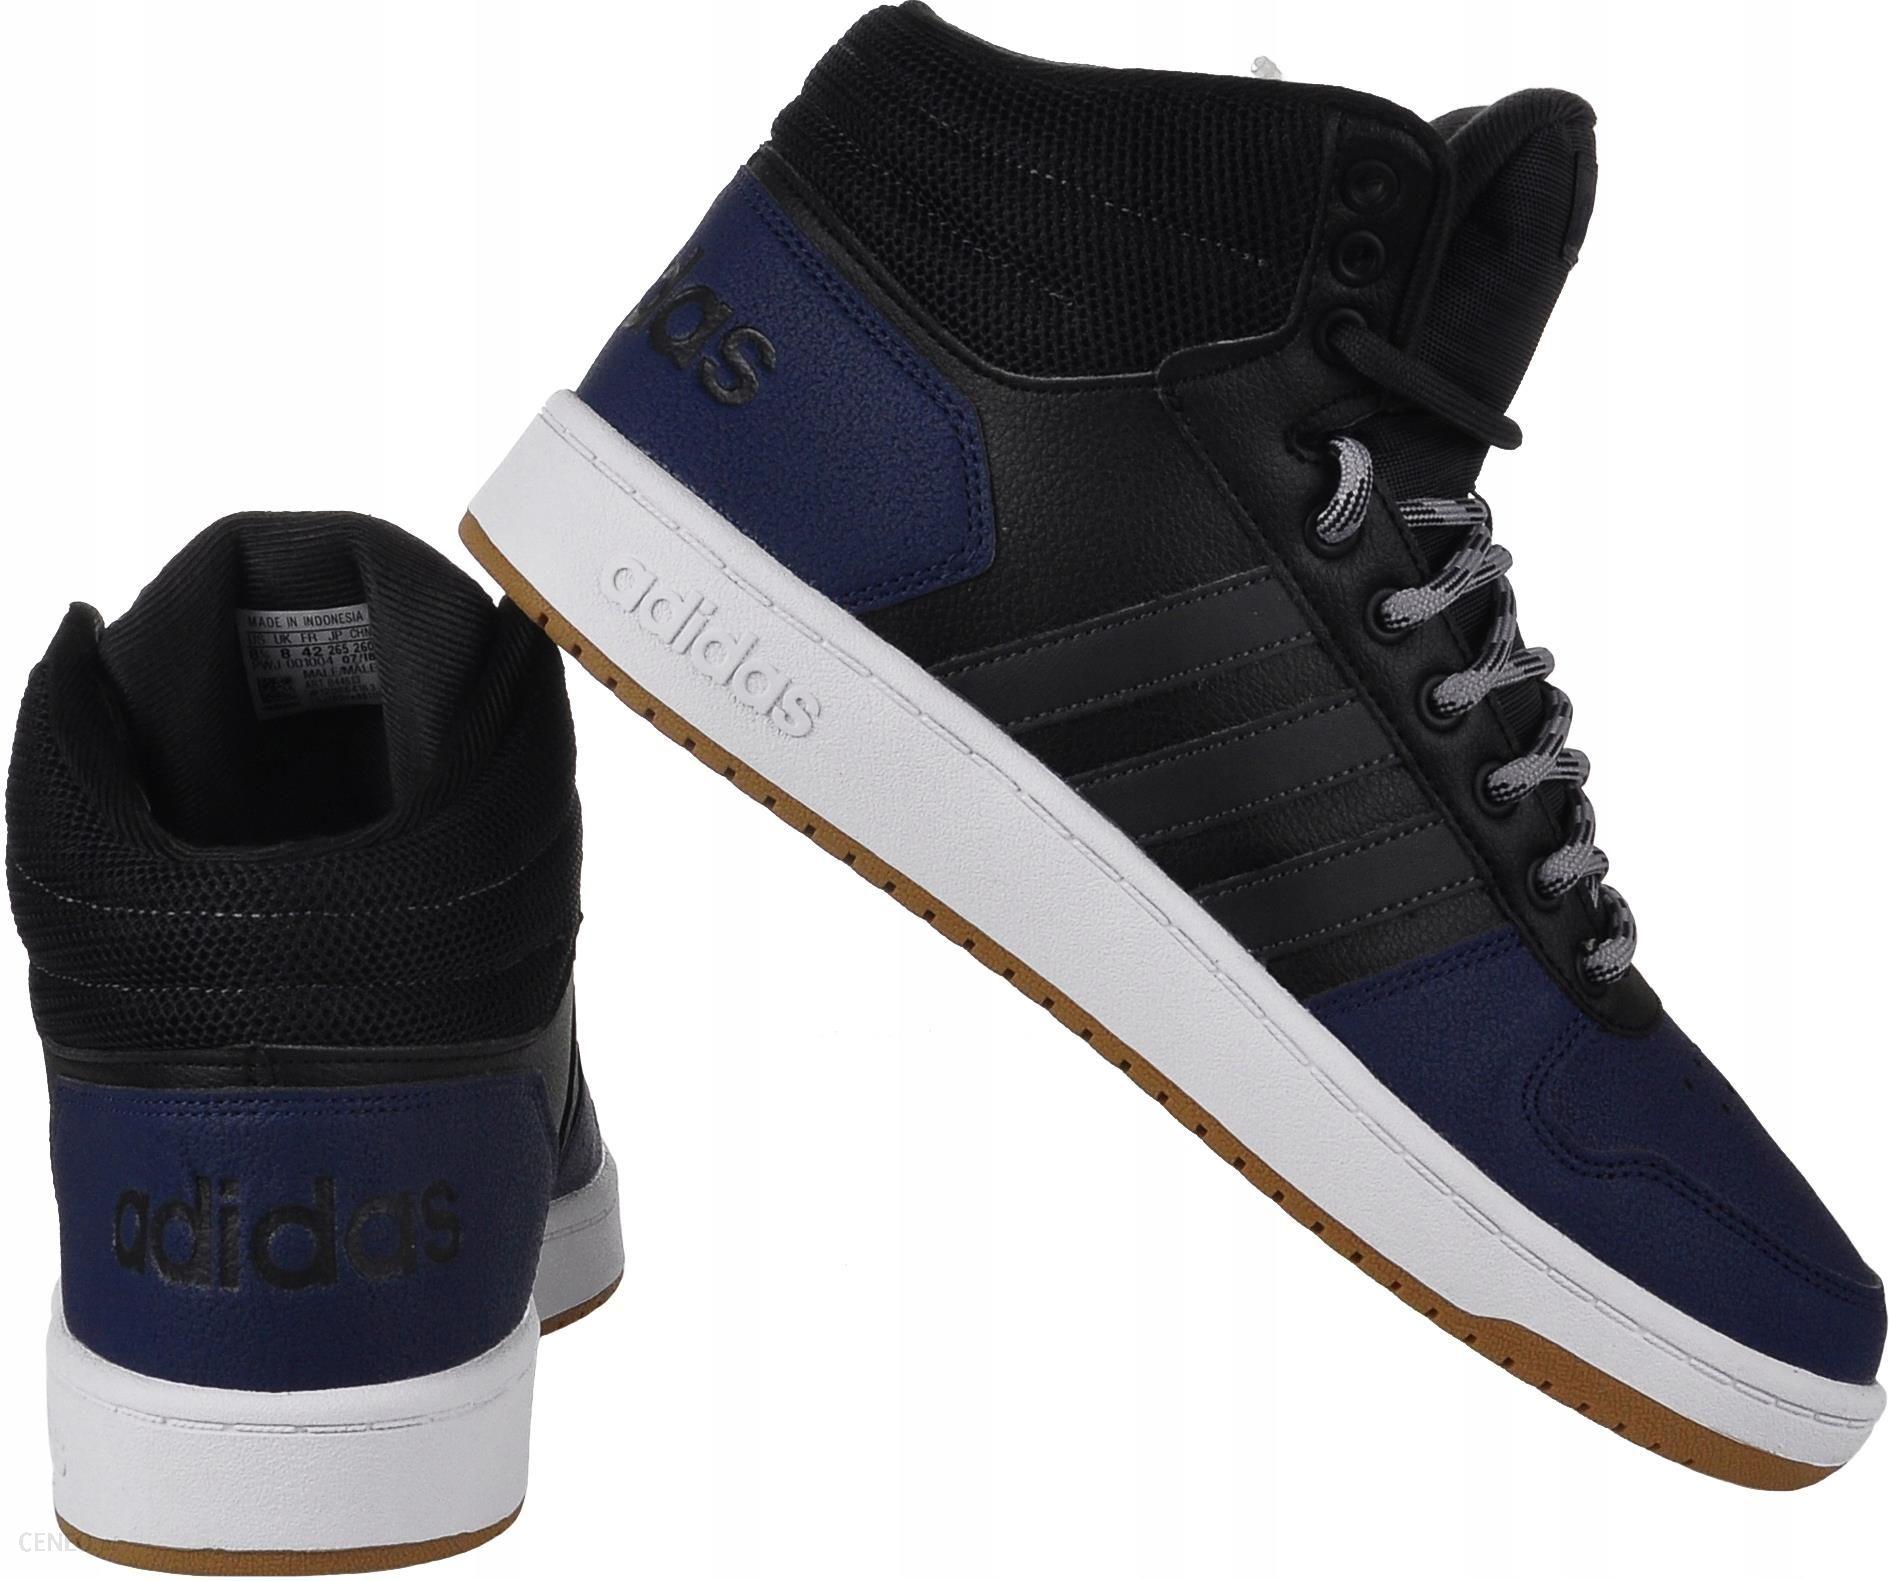 Adidas Hoops 2.0 MID B44614 Wysokie Buty Męskie Ceny i opinie Ceneo.pl